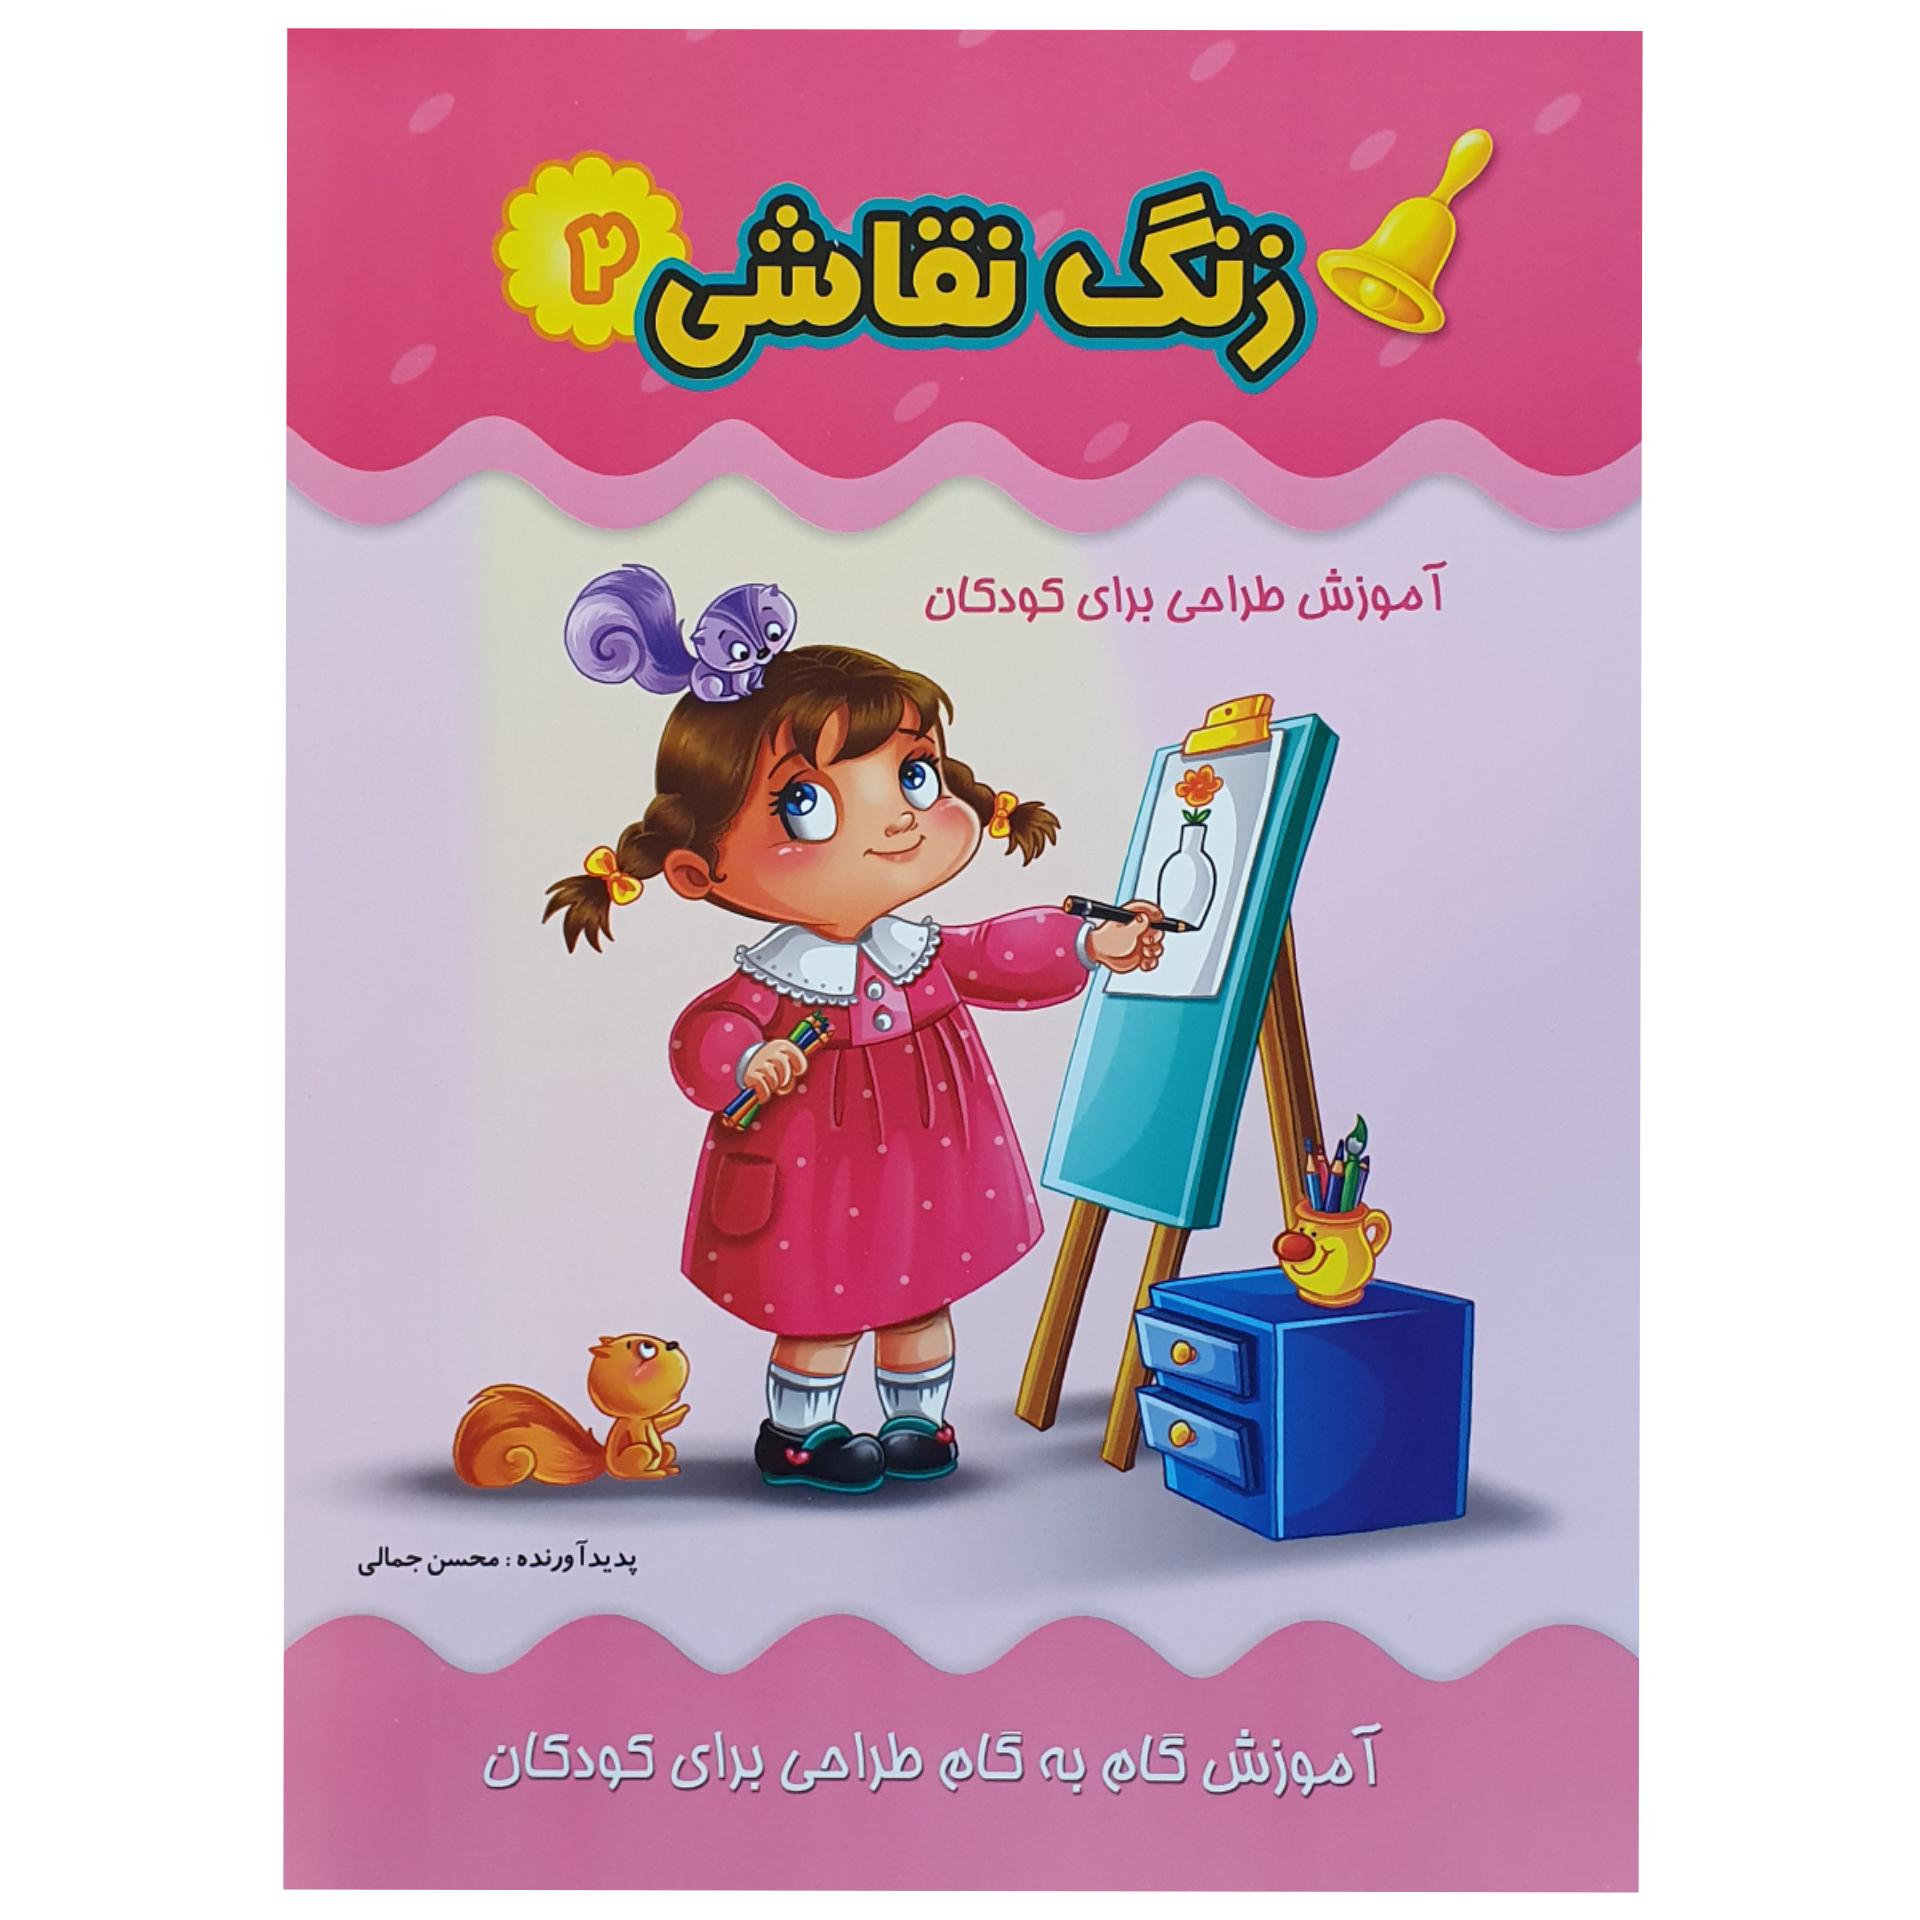 خرید                      کتاب زنگ نقاشی آموزش طراحی برای کودکان اثر محسن جمالی نشر آبشن جلد ۲